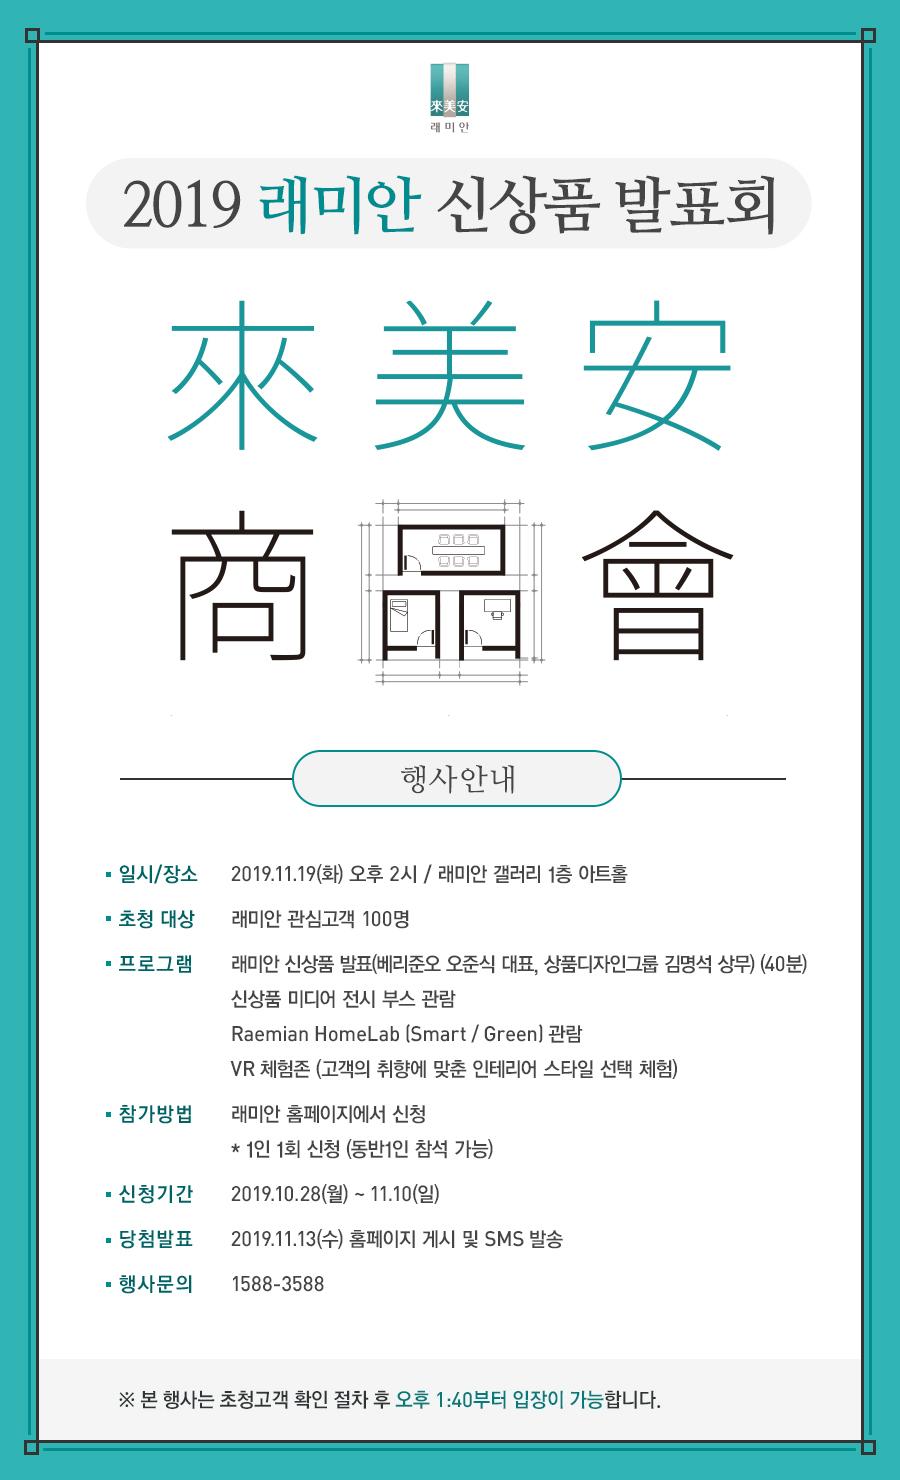 2019 래미안 신상품 발표회 - 래미안 상품회 안내